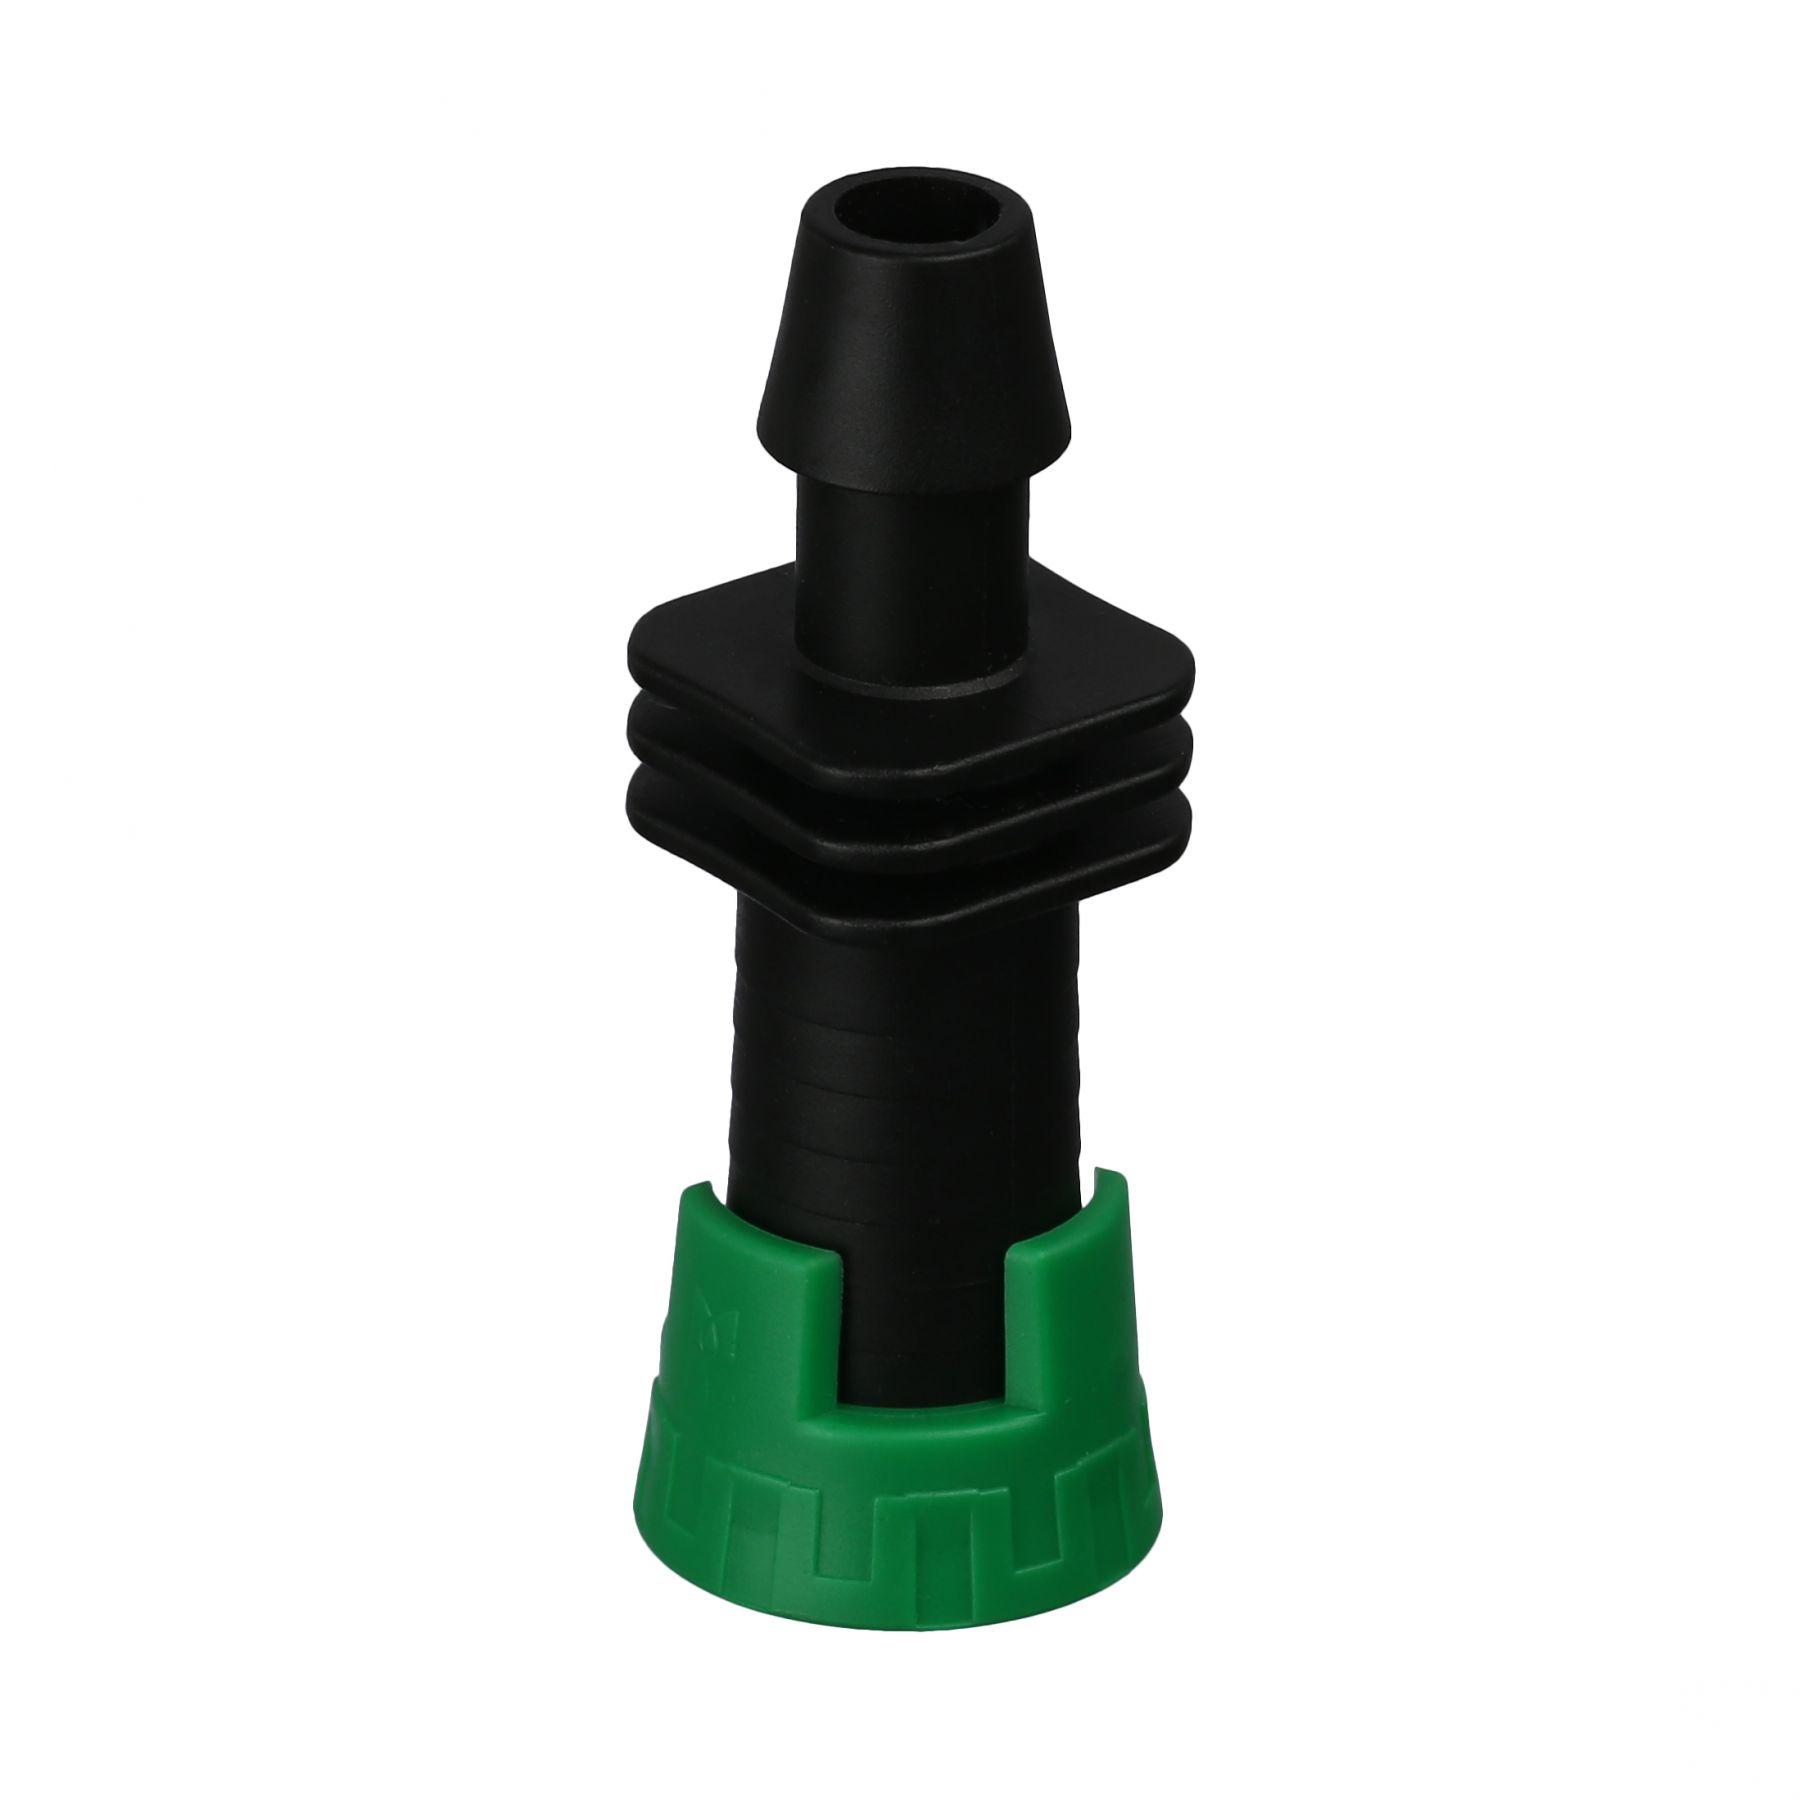 Стартовый фитинг GH (КЛ x 12) с уплотнителем для капельной ленты TO021712R